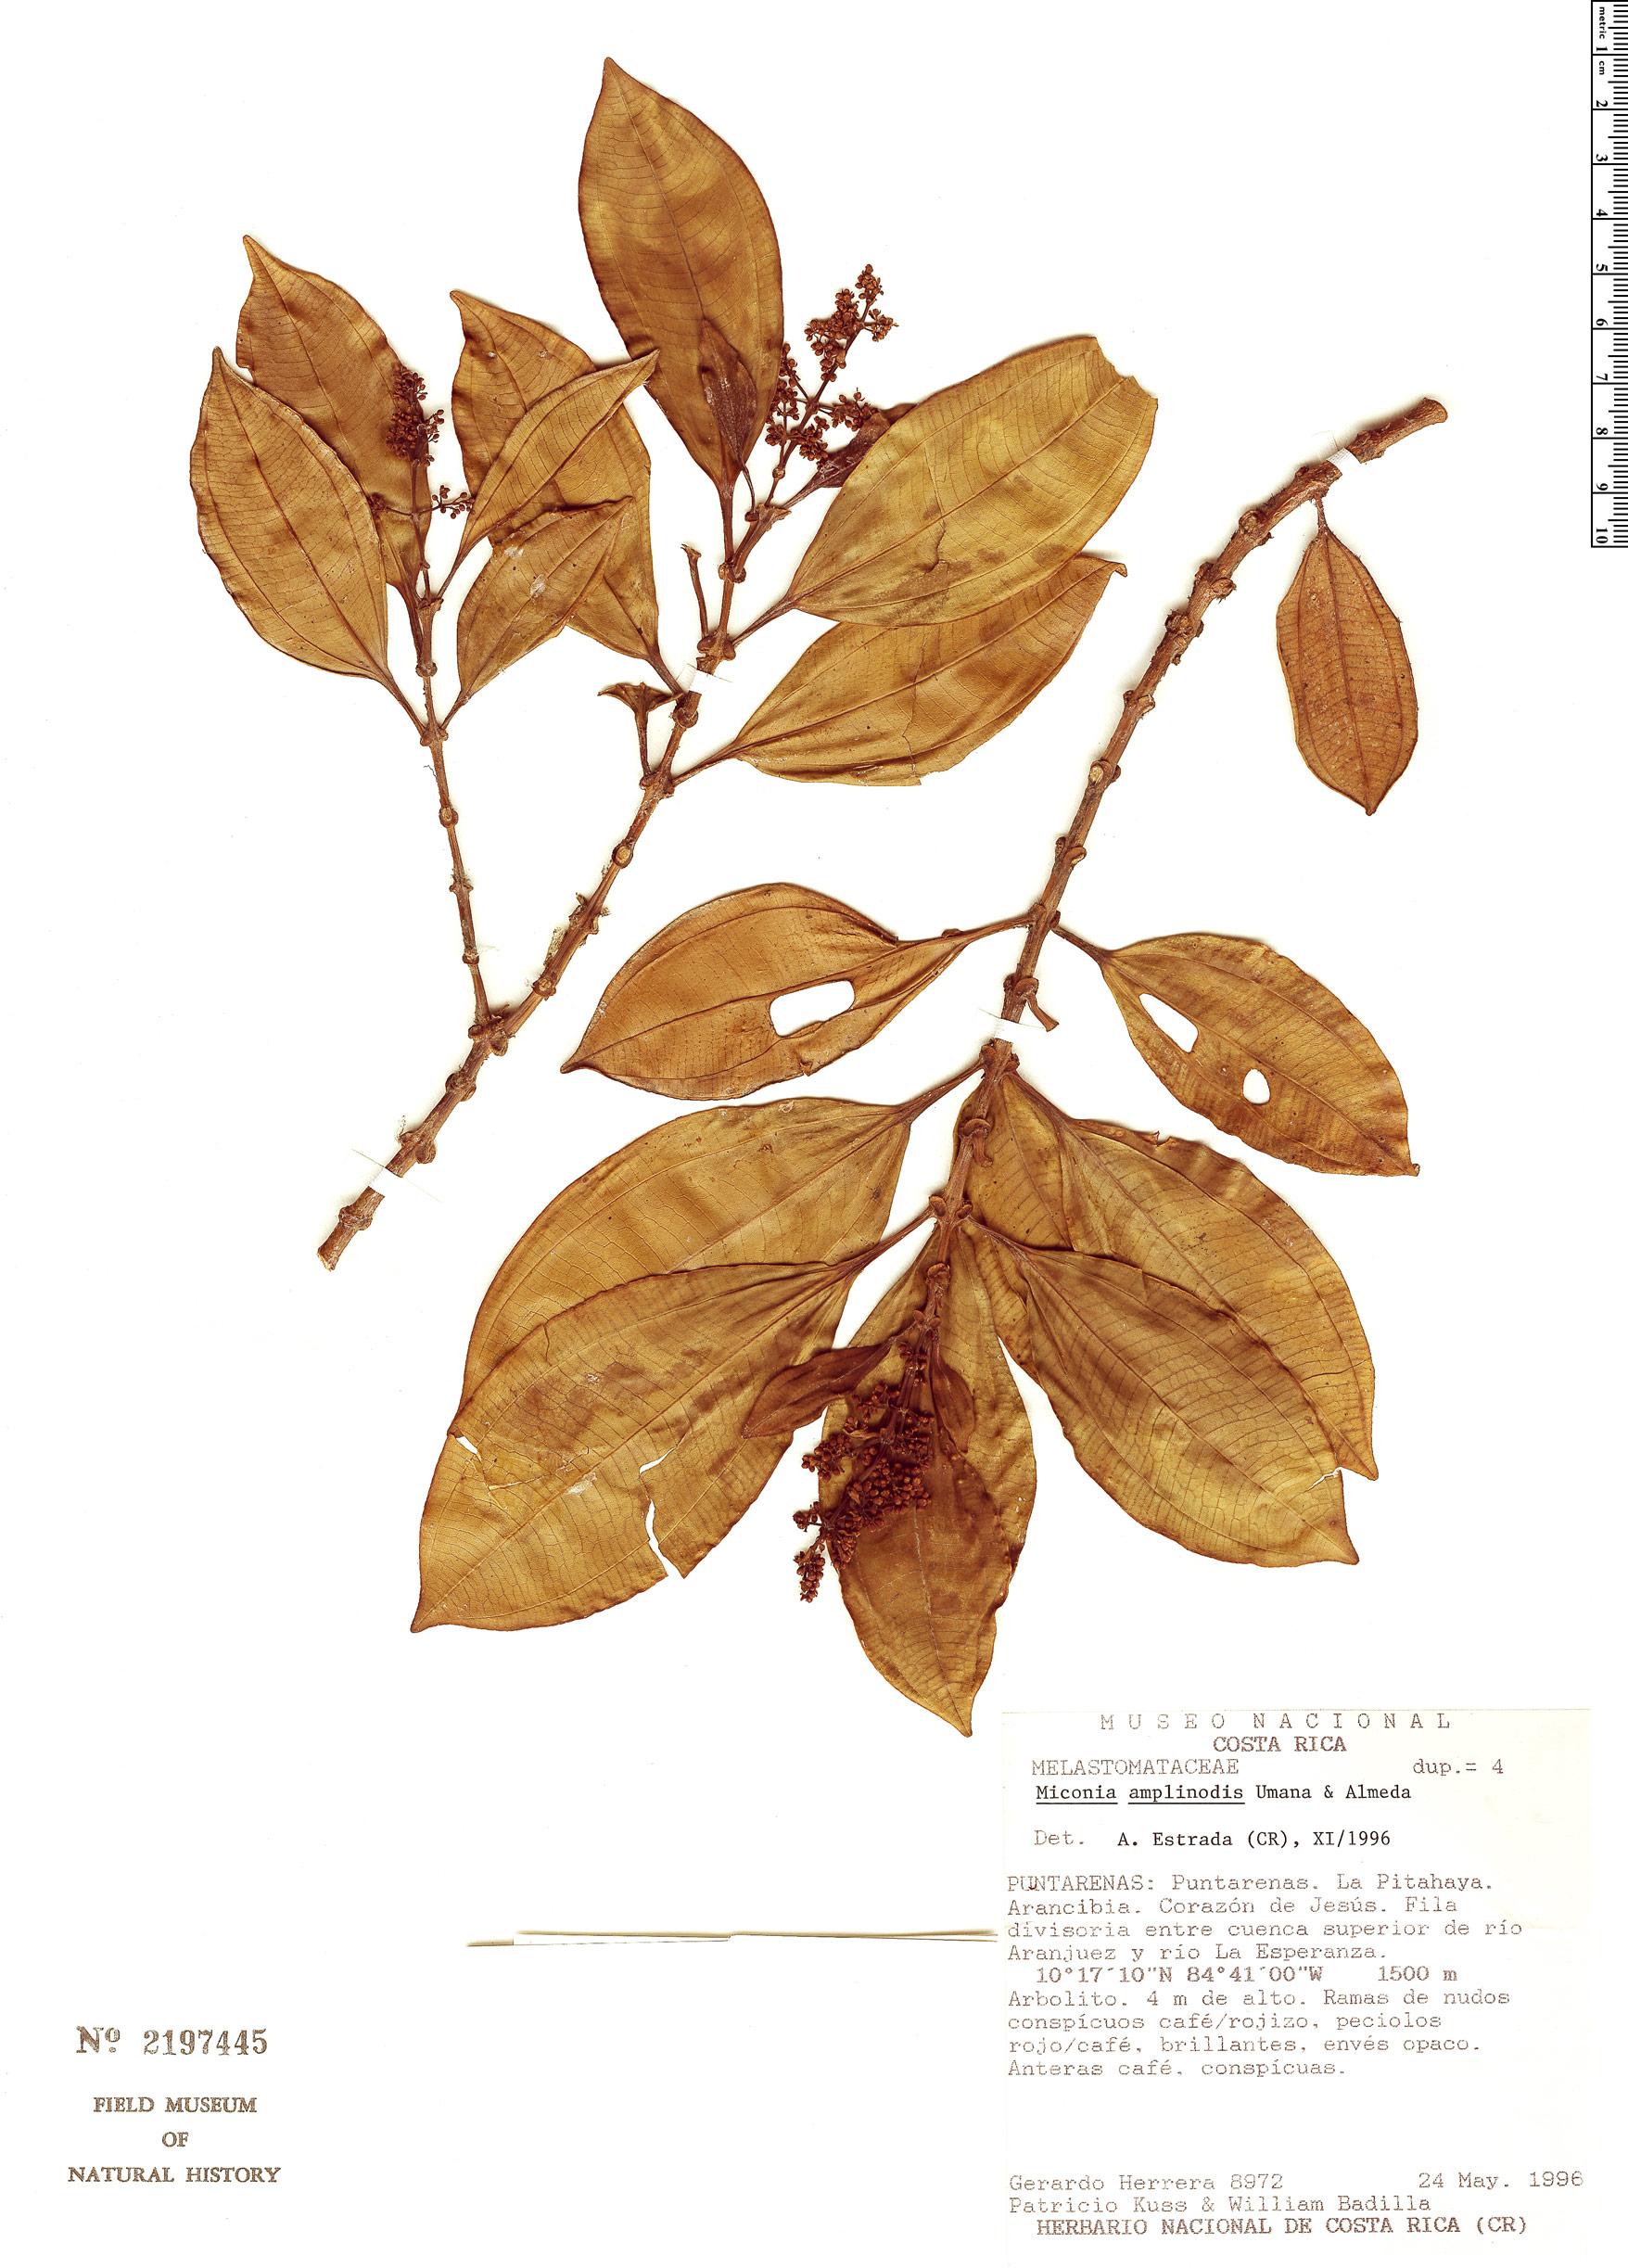 Specimen: Miconia amplinodis